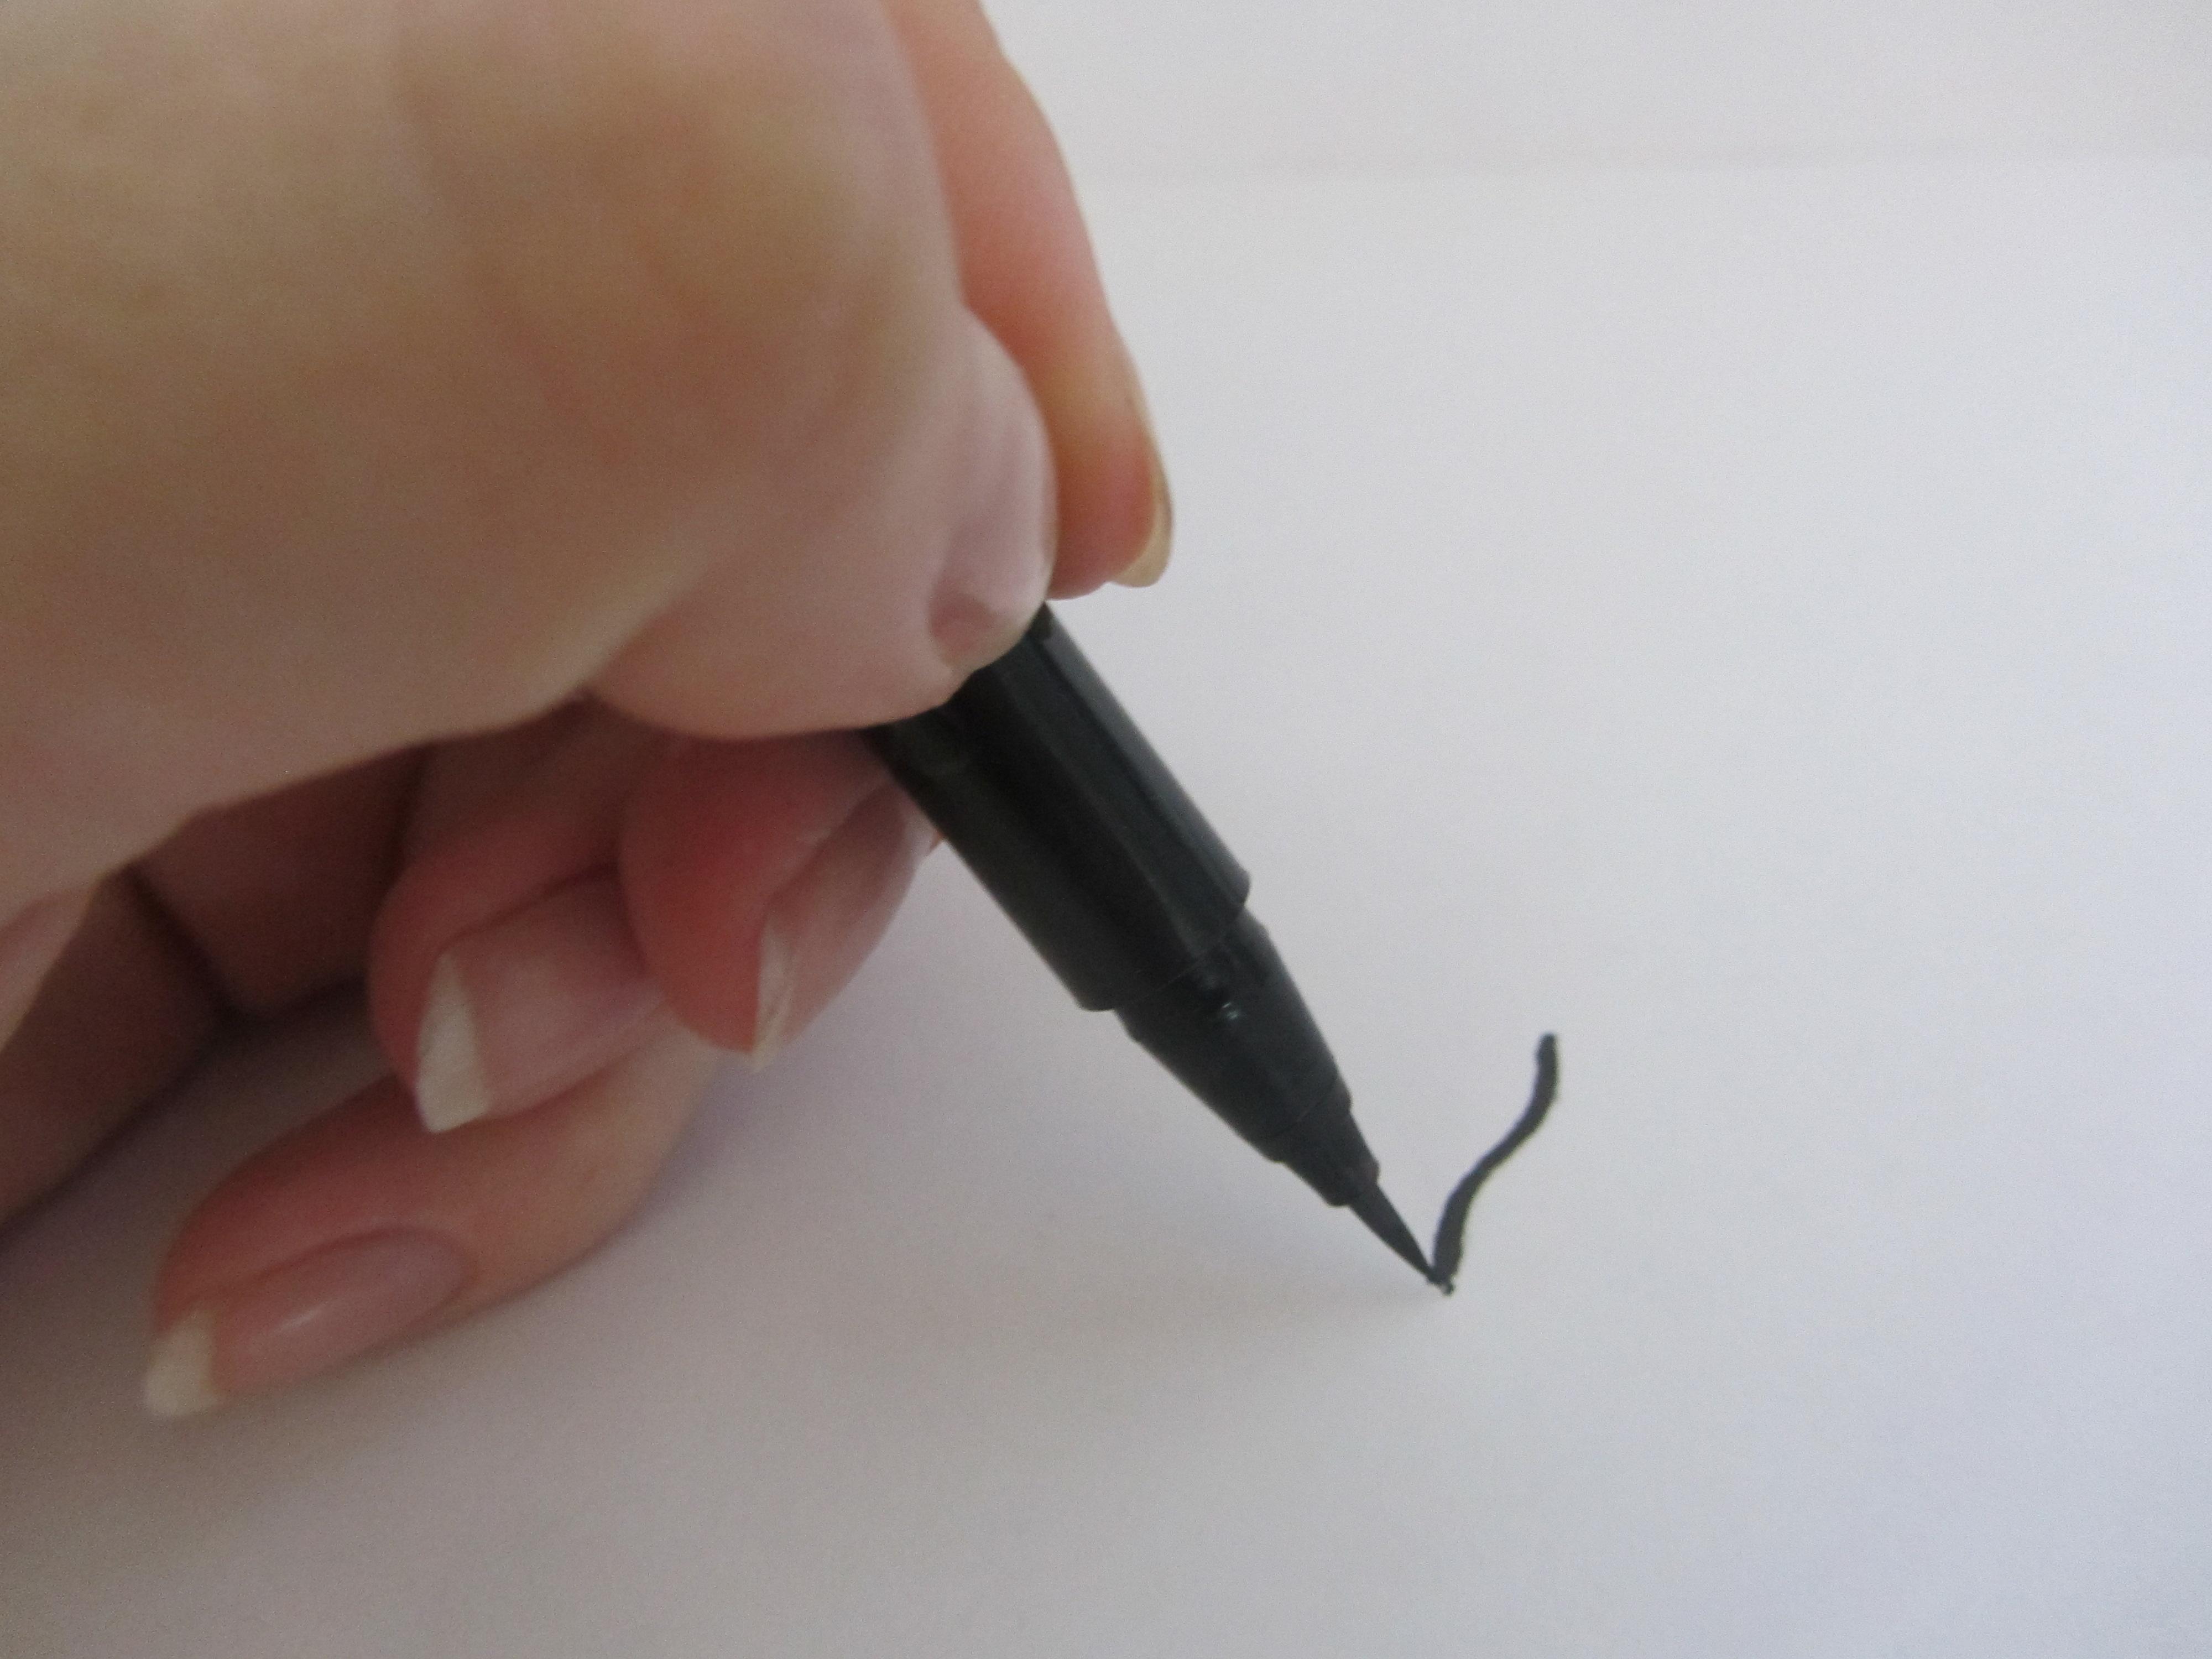 Pretty Easy Liquid Eyelining Pen by Clinique #13